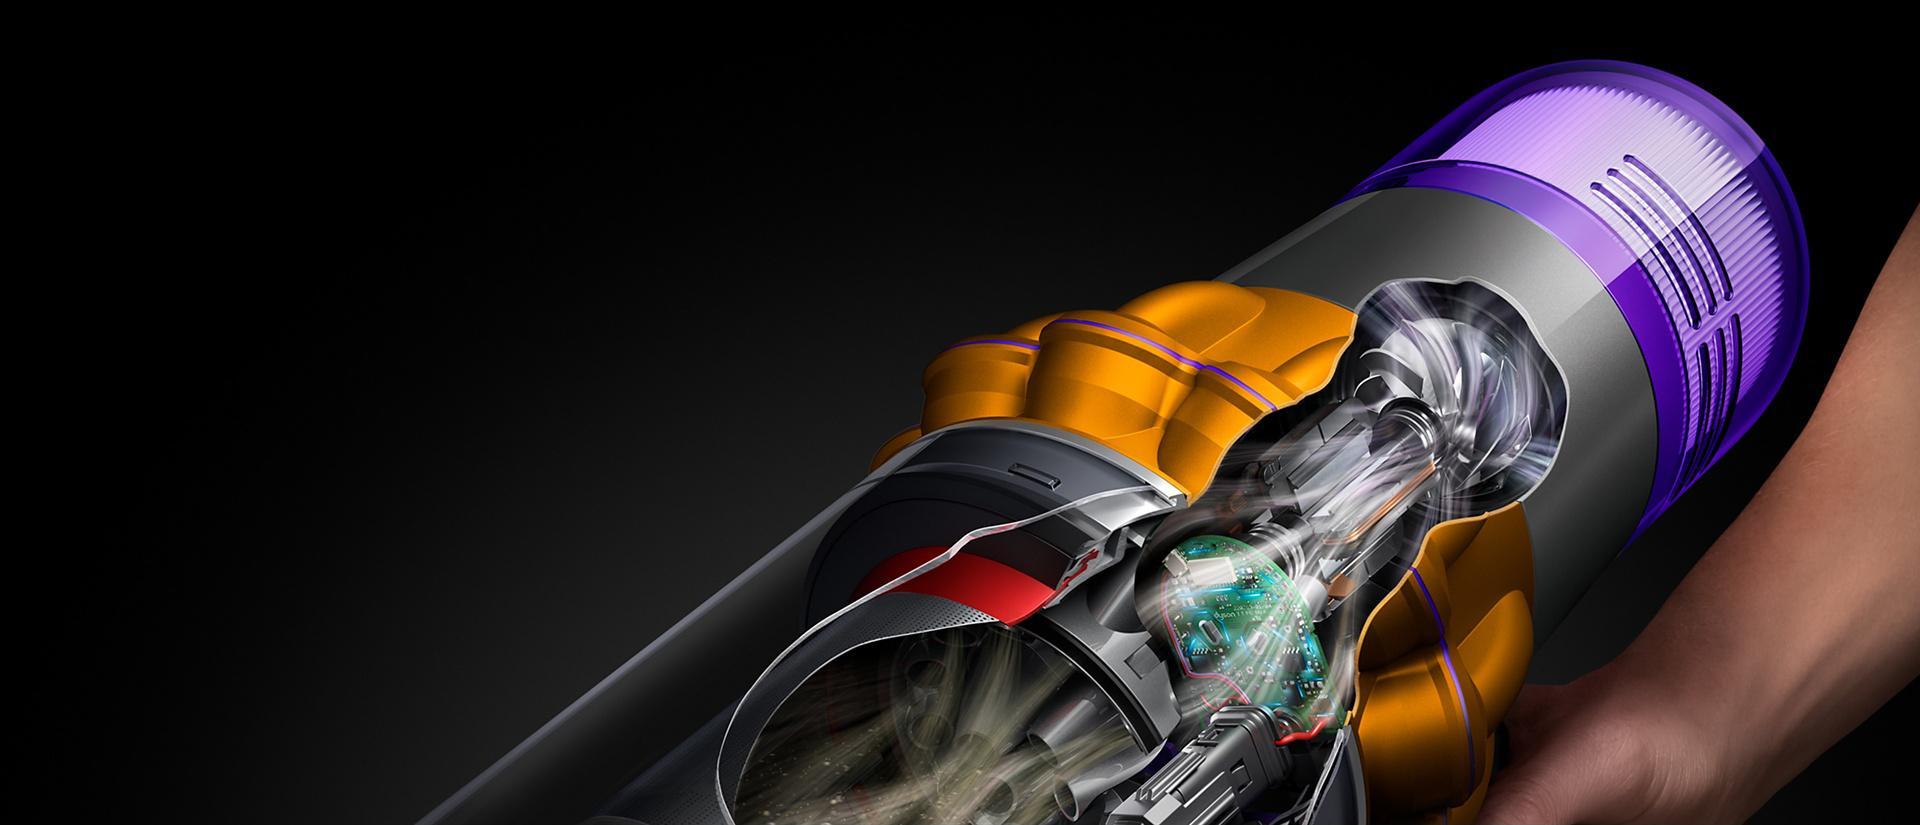 Cutaway image of the Dyson Hyperdymium motor